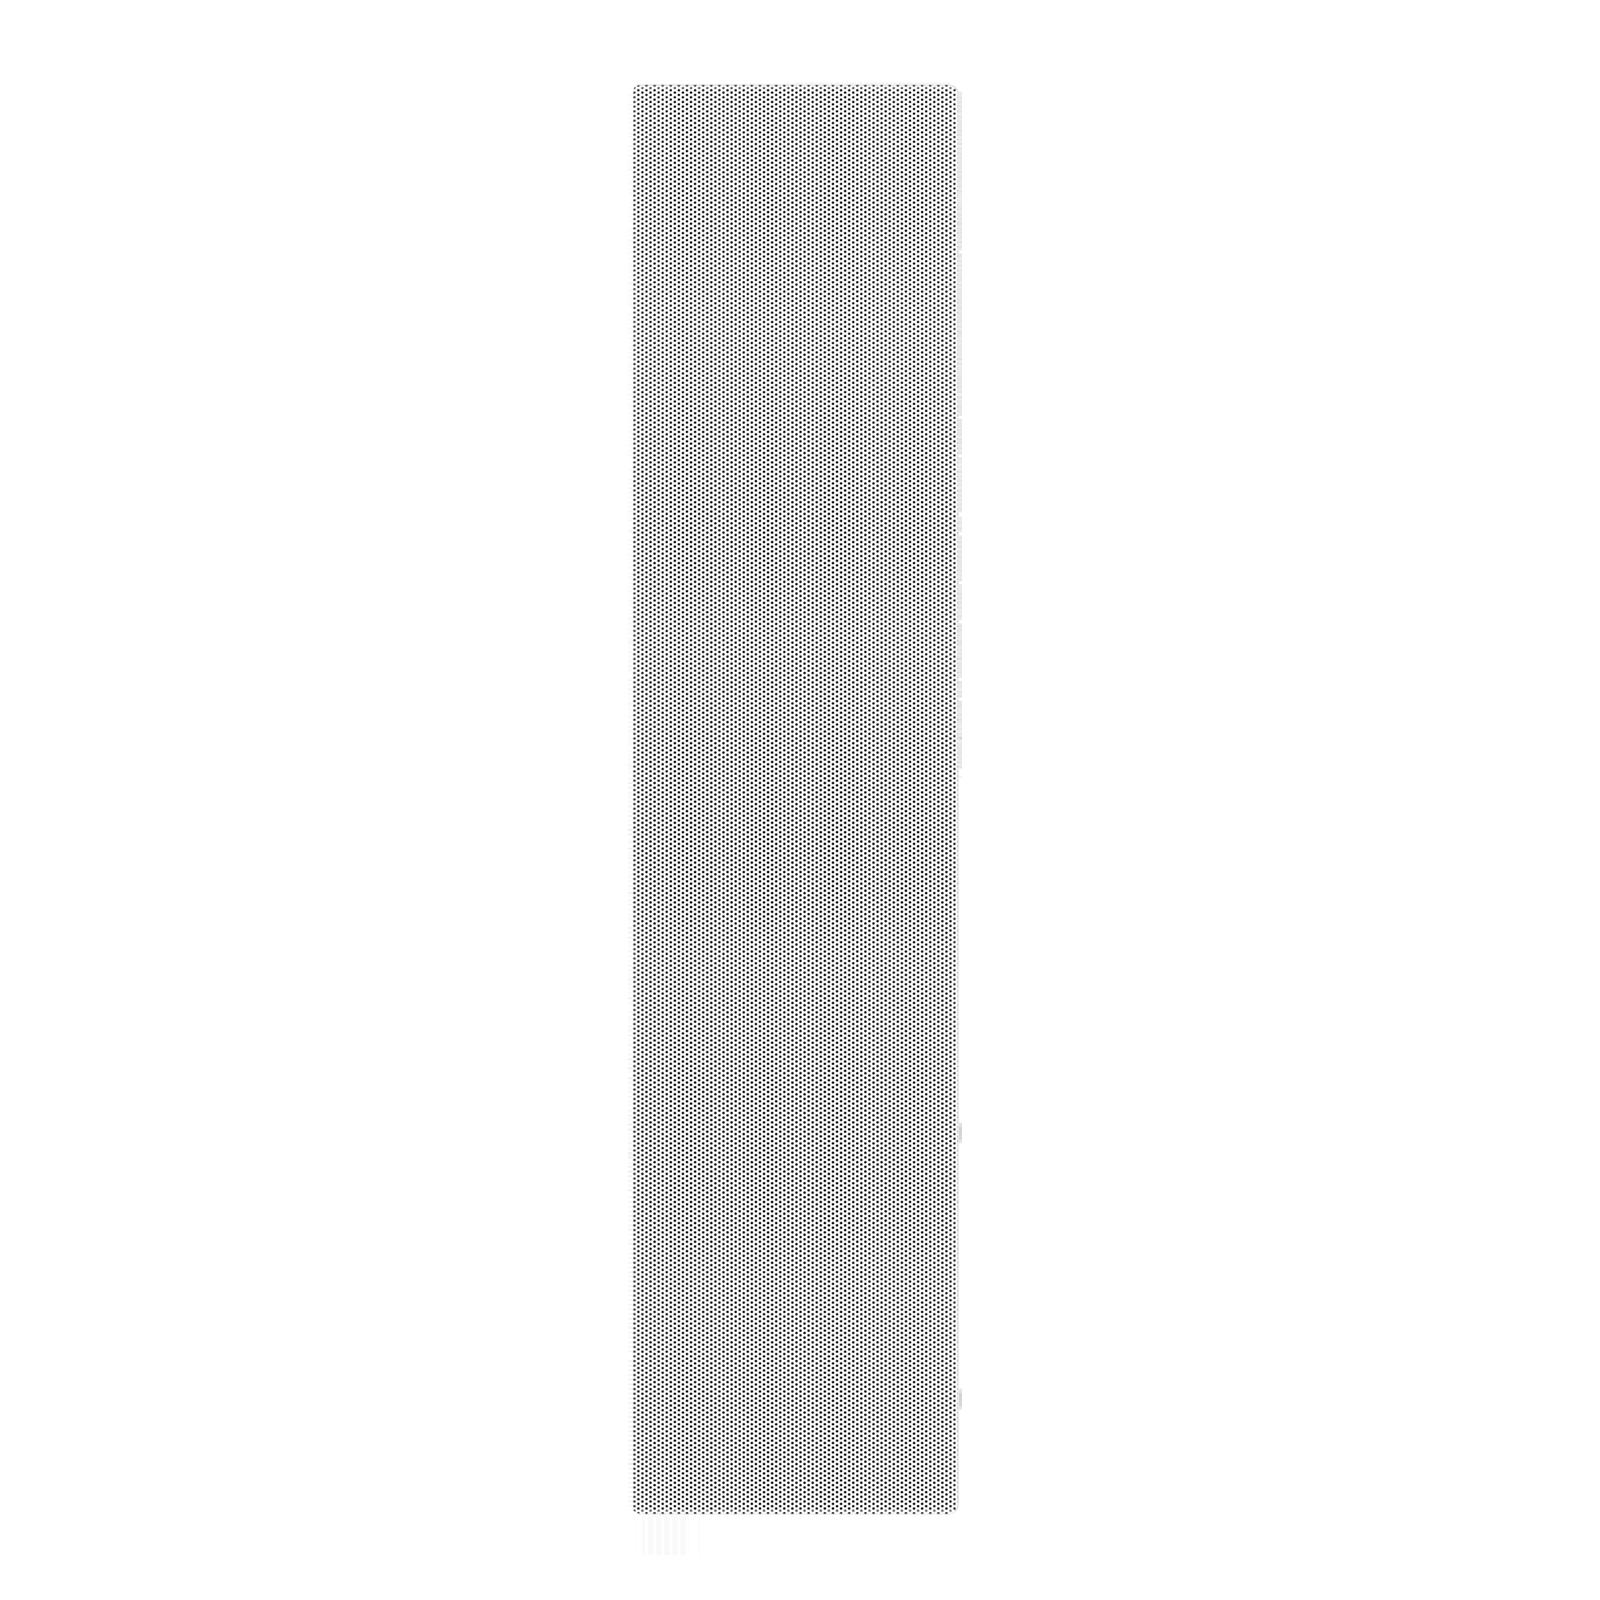 SCL-6 - Black - 2.5-Way Quadruple 5.25-inch (130mm) In-Wall Loudspeaker - Detailshot 3